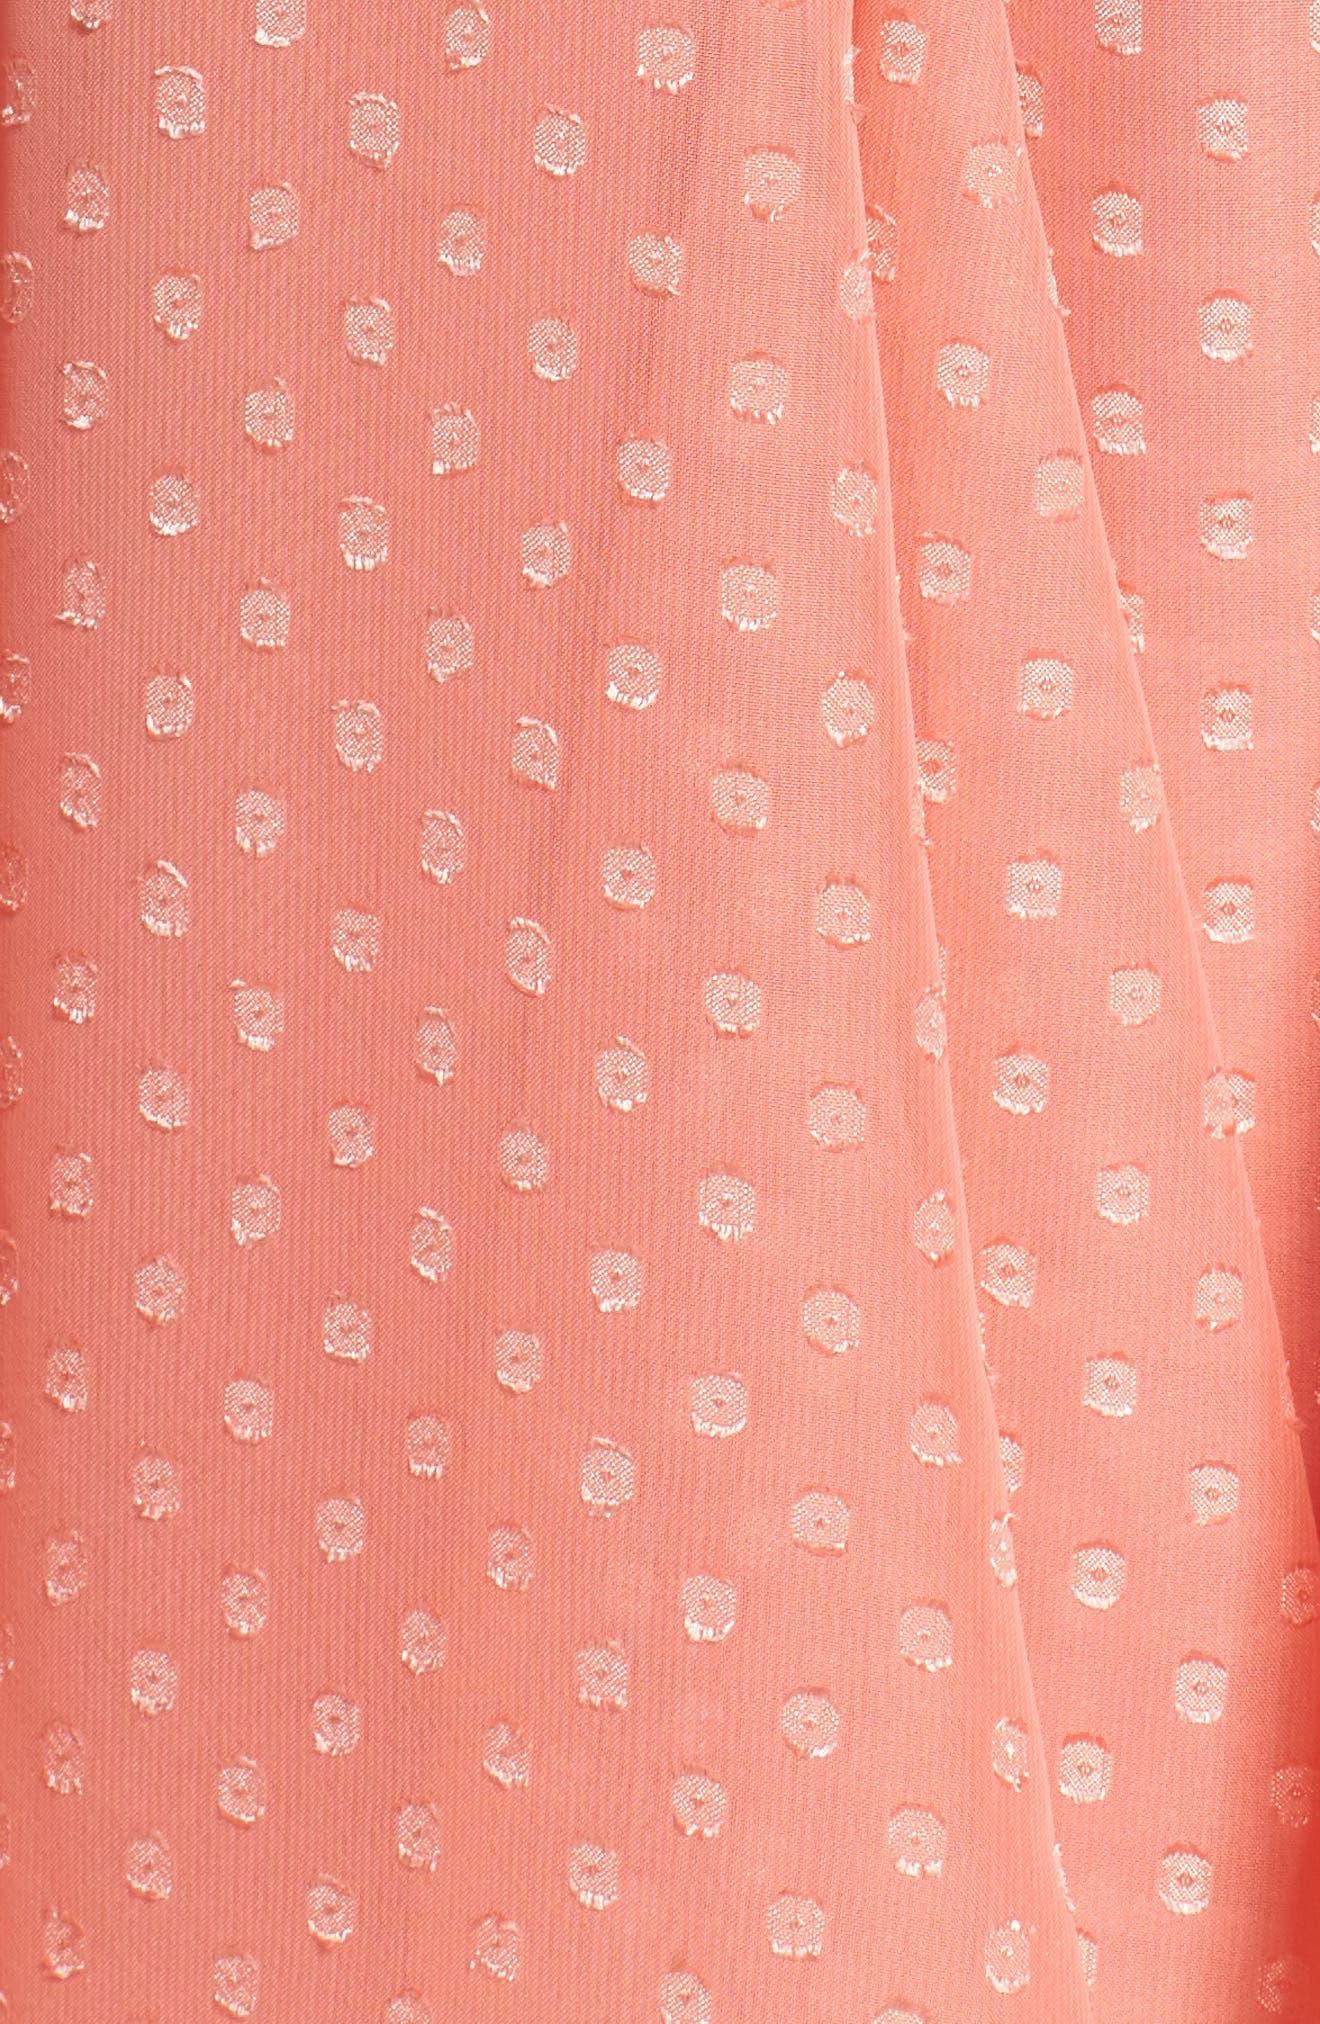 Split Sleeve Swiss Dot Chiffon Faux Wrap Dress,                             Alternate thumbnail 5, color,                             650